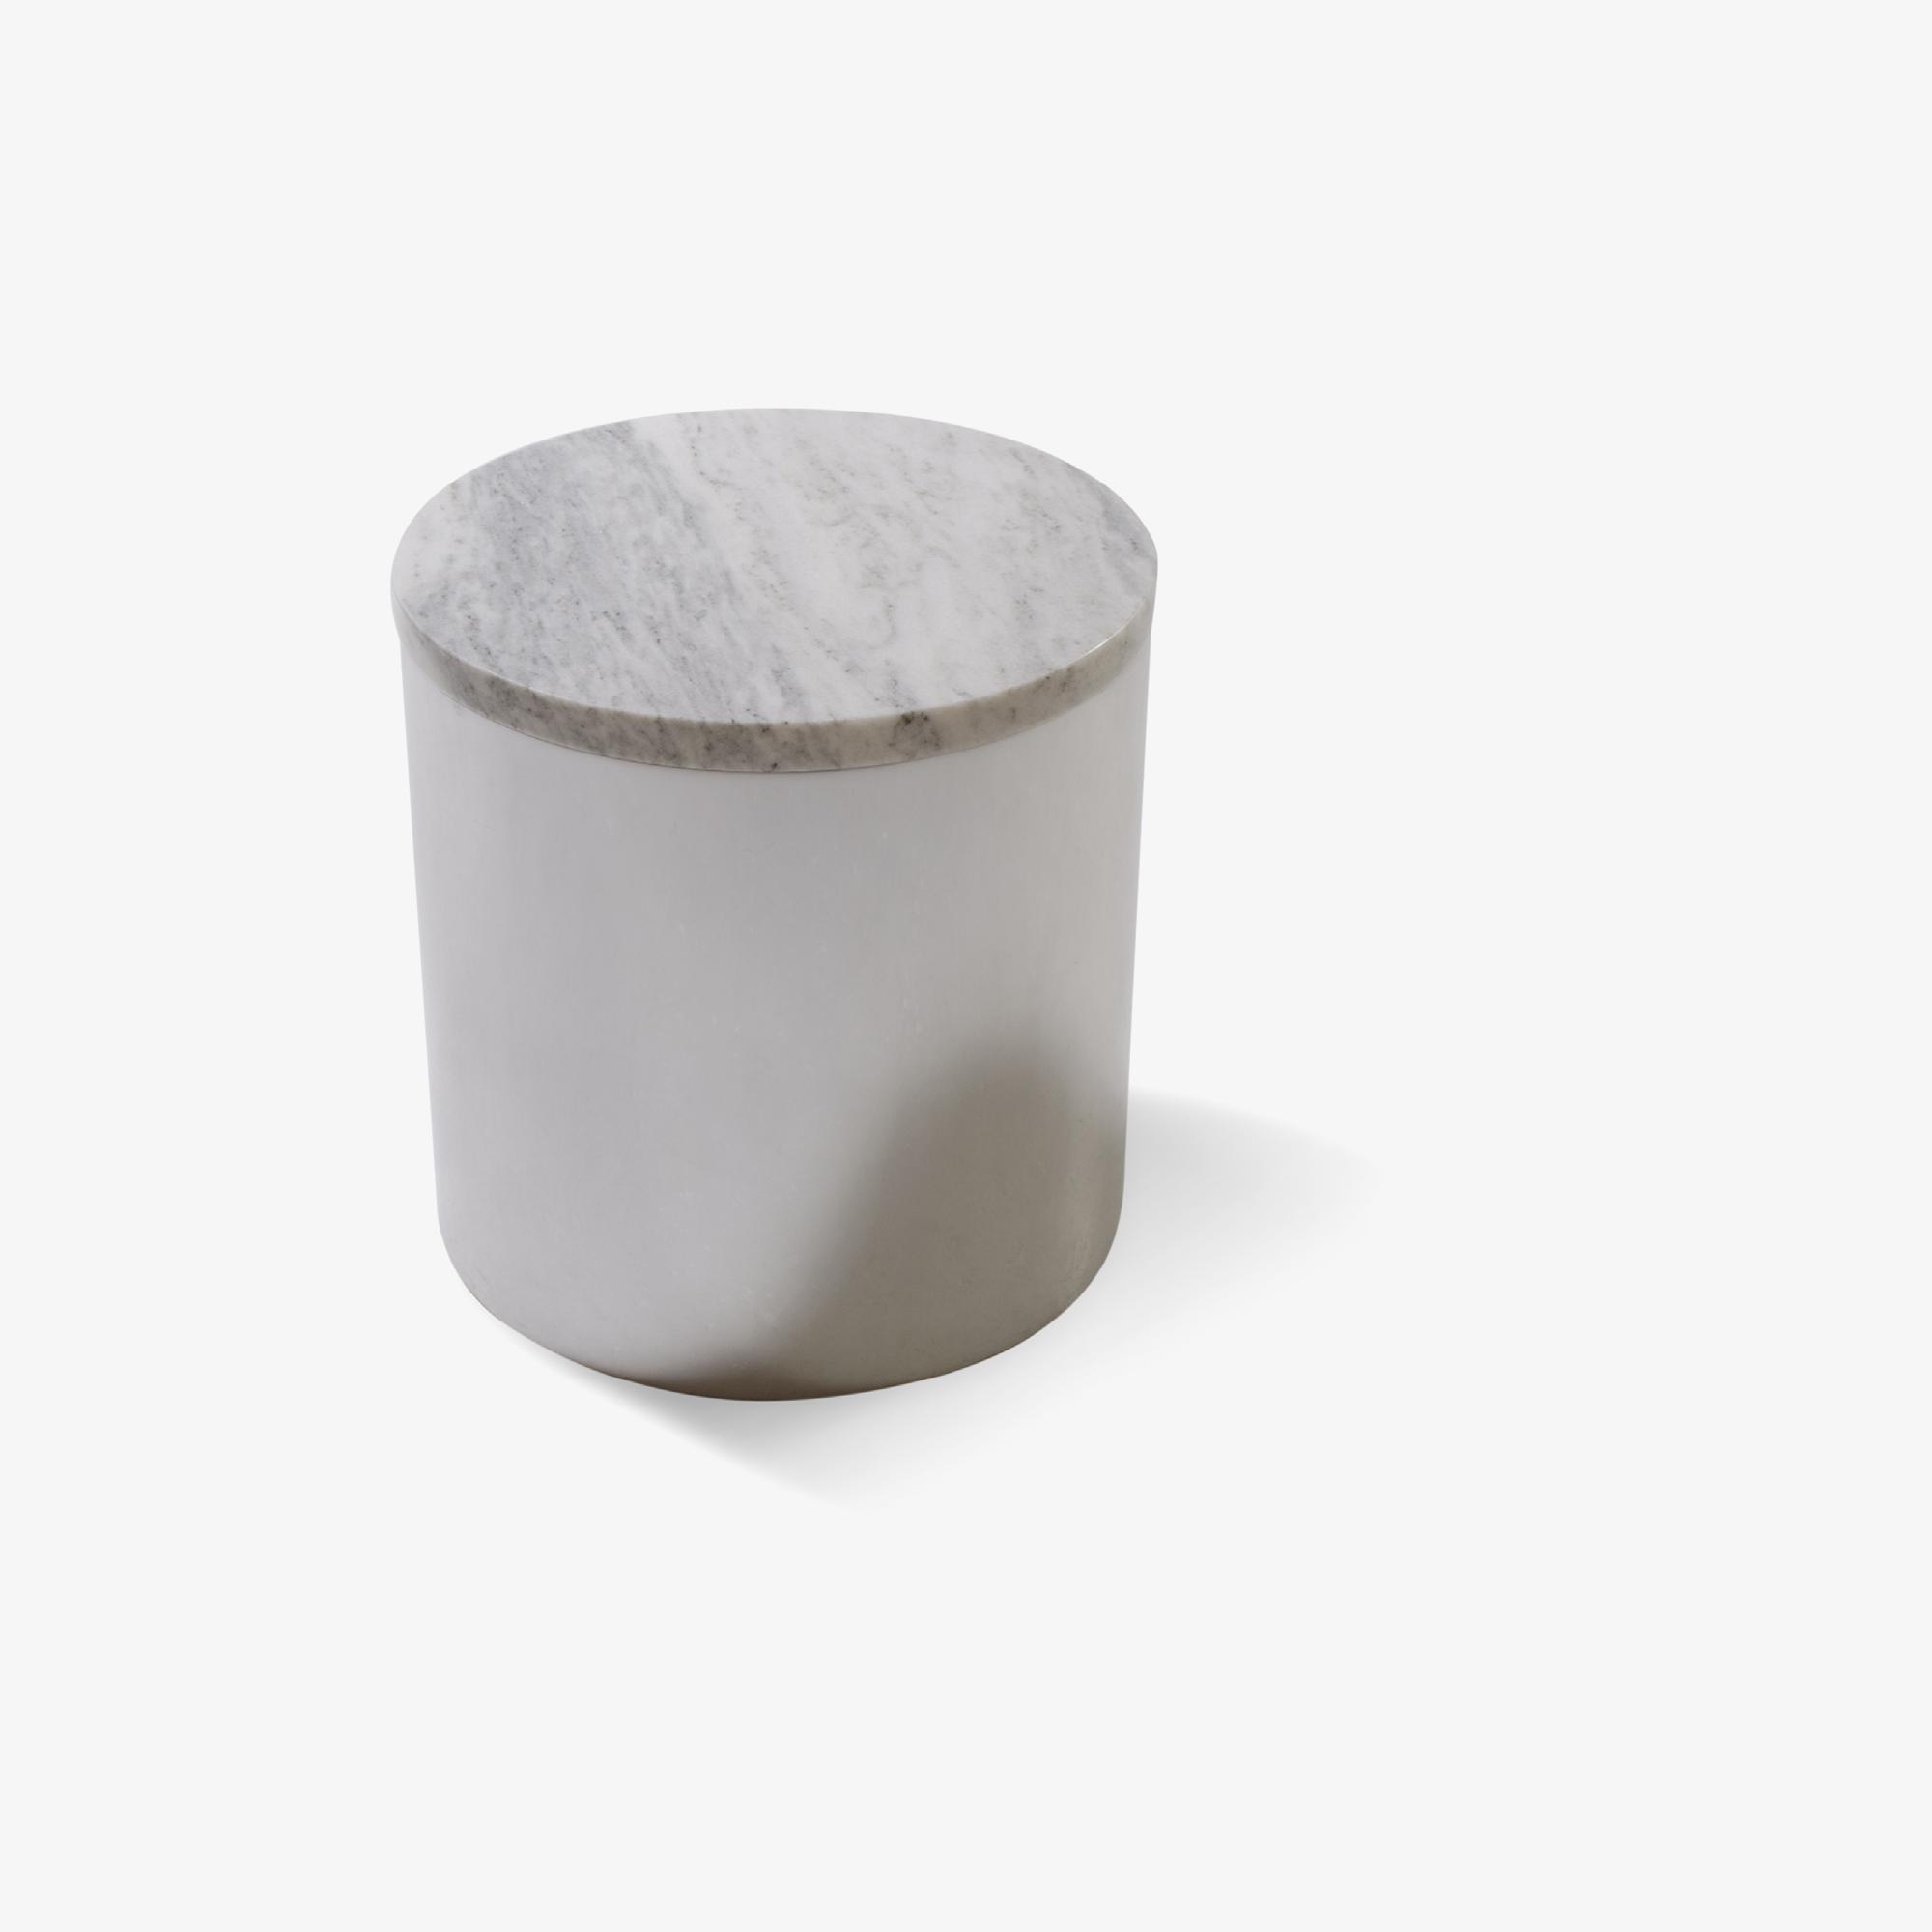 Paul Mayen Marble & Chrome Drum Table